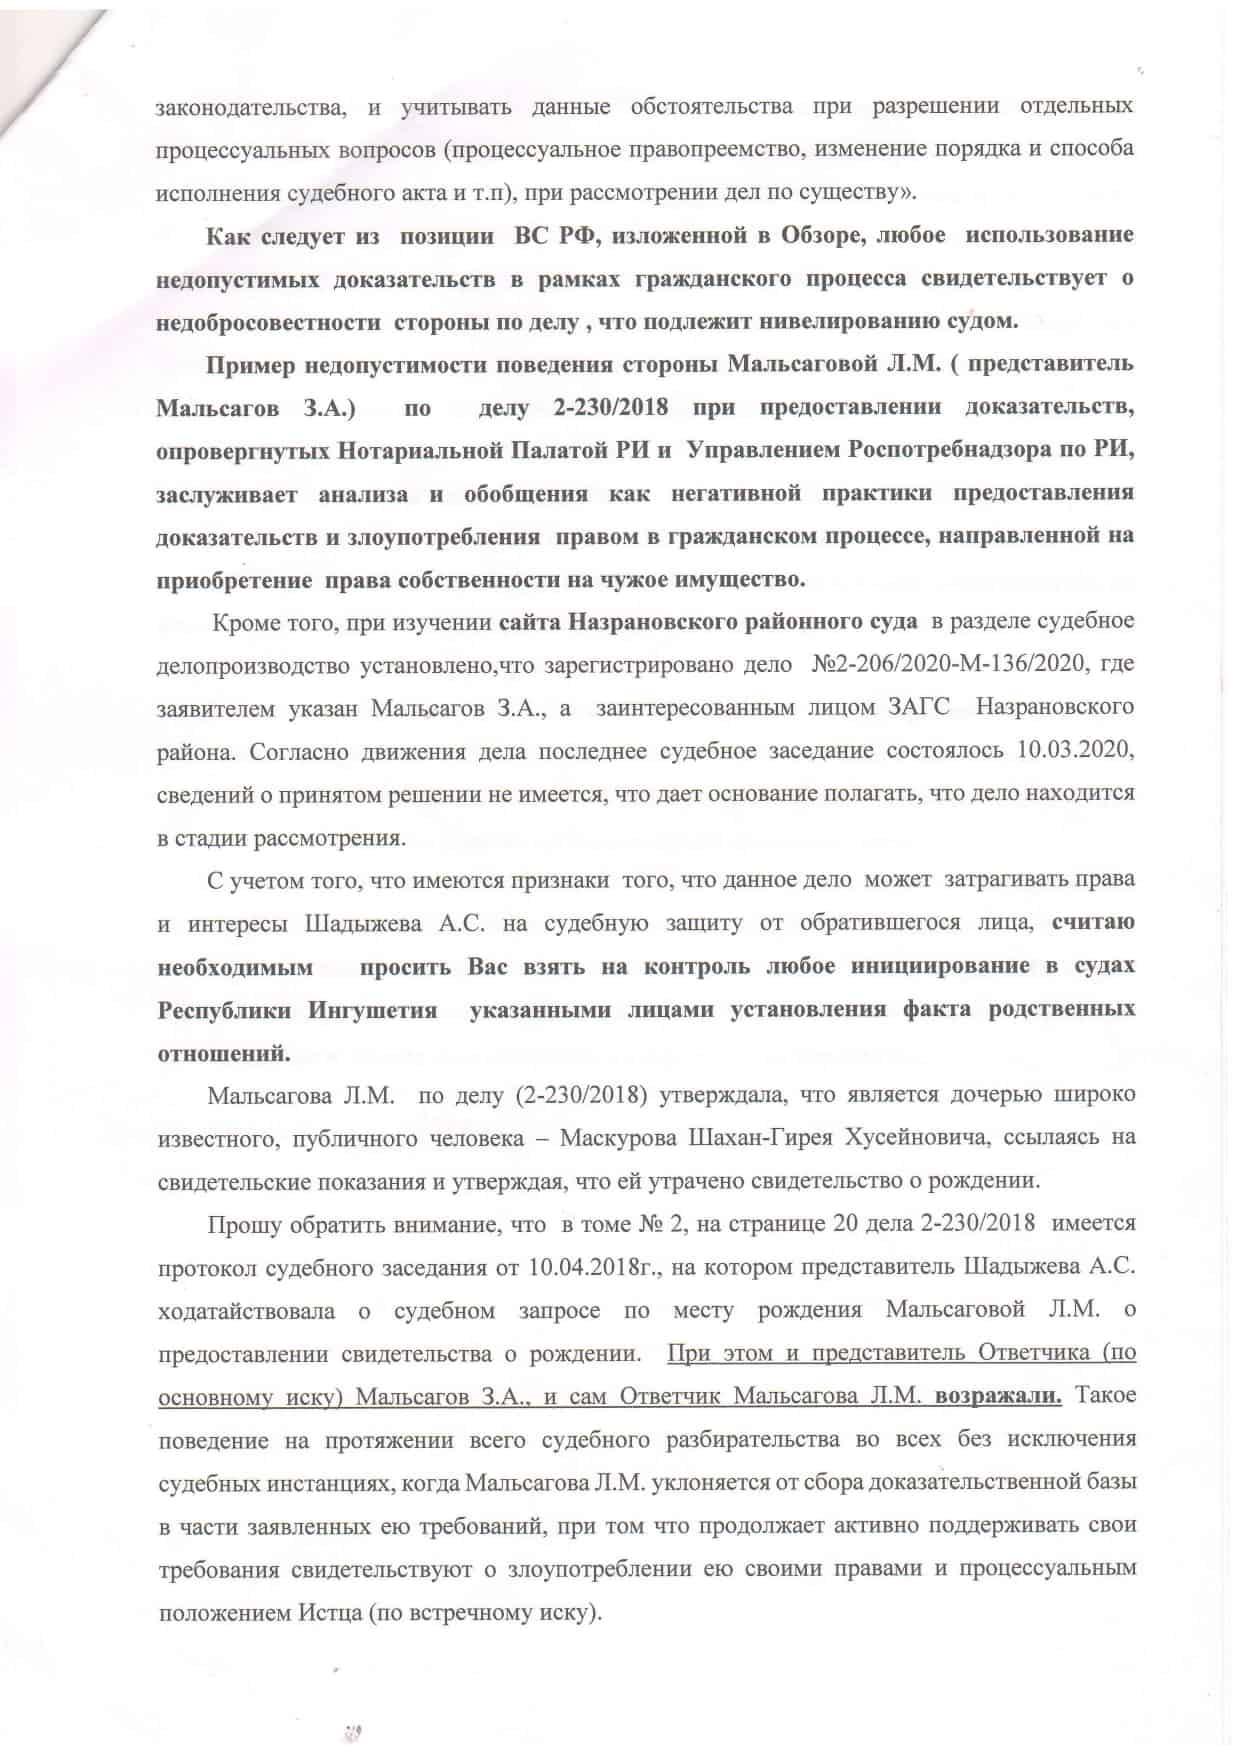 Образец обращения в Верховный Суд Республики Ингушетия